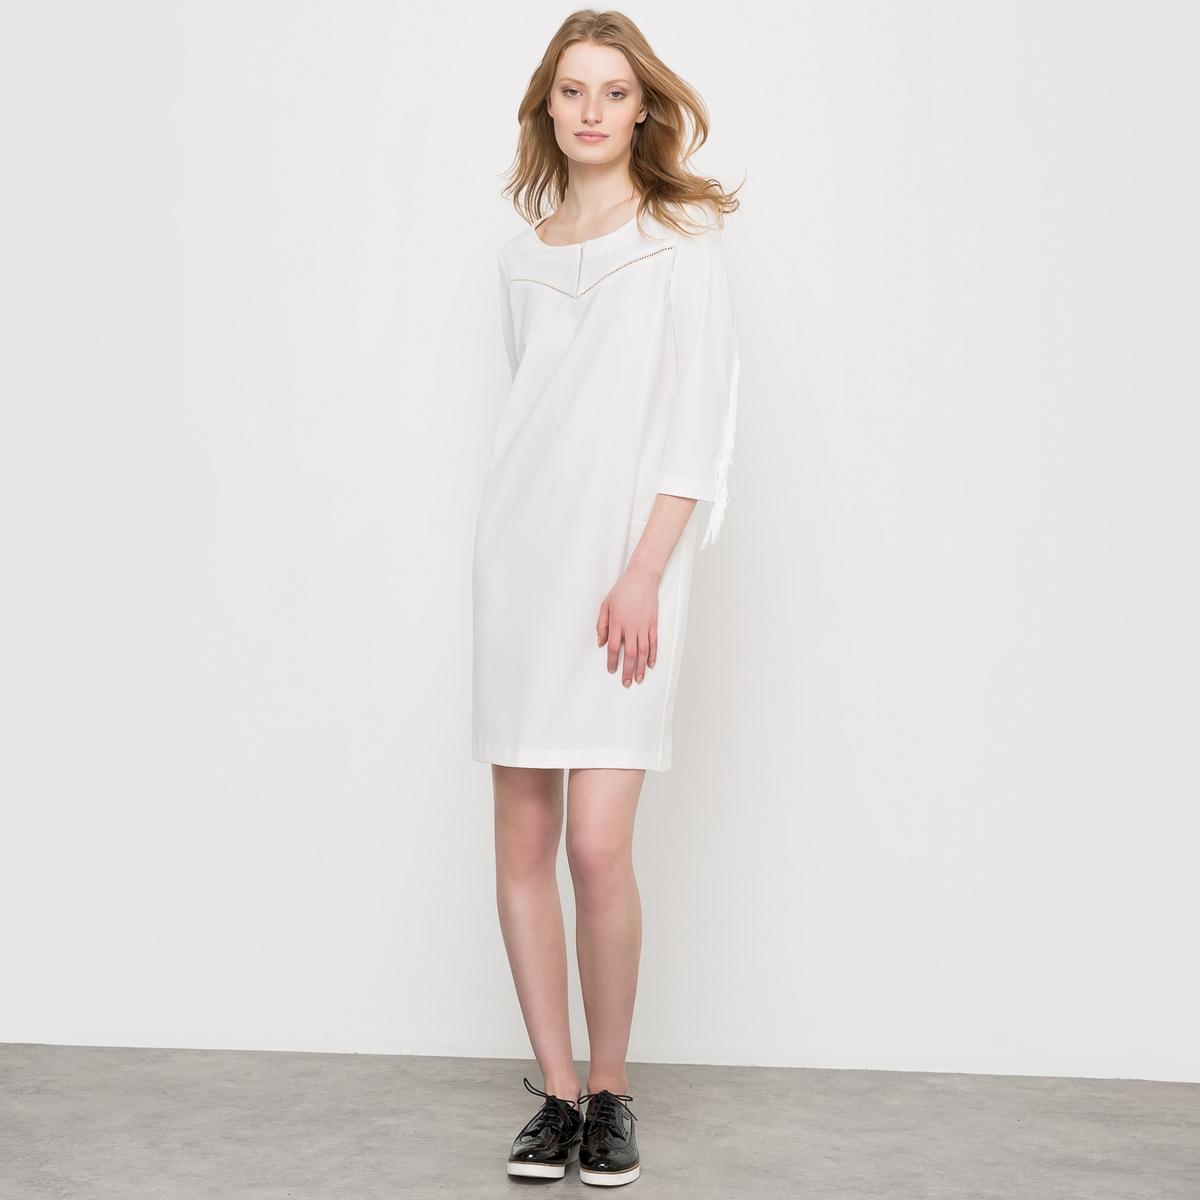 Платье с бахромойПлатье с рукавами, отделанными бахромой. Прямой покрой, рукава 3/4 с бахромой, круглый вырез. Ажурный пластрон спереди. Платье структурировано отрезными деталями по бокам и на поясе сзади. Застежка на молнию сзади. Состав и описаниеМатериал : 63% полиэстера, 33% вискозы, 4% эластанаДлина : 90 см Уход Машинная стирка при 30 °С<br><br>Цвет: слоновая кость,черный<br>Размер: 40 (FR) - 46 (RUS).34 (FR) - 40 (RUS).34 (FR) - 40 (RUS).48 (FR) - 54 (RUS)